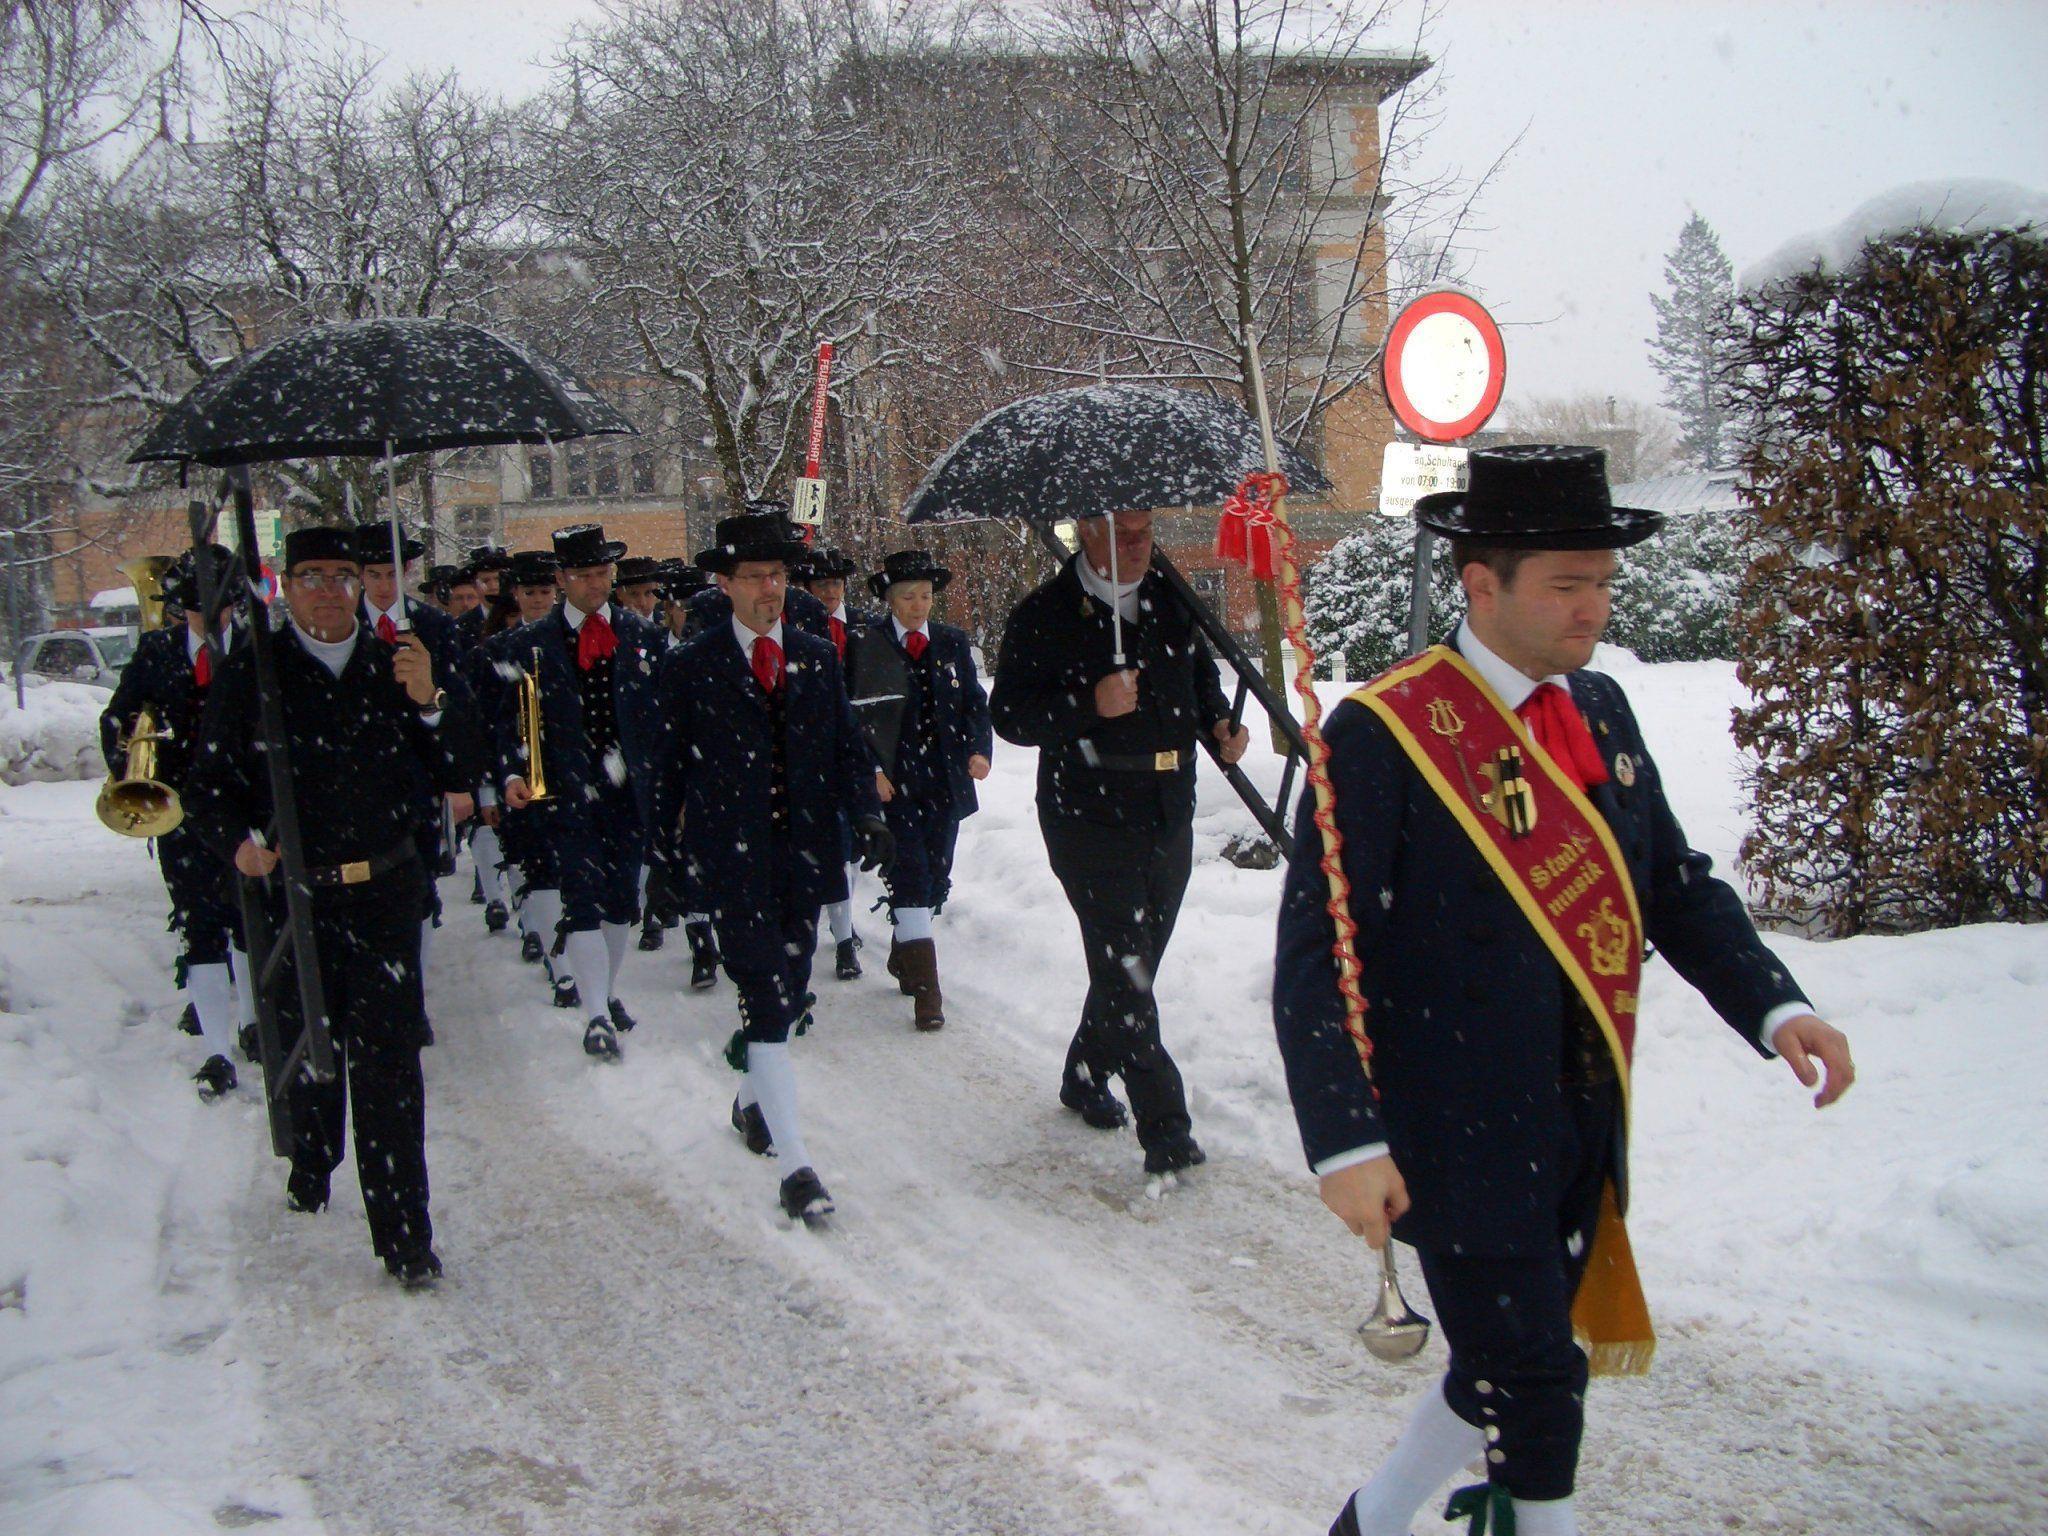 Schneefall begleitete die Stadtmusik beim Silvestermarsch.